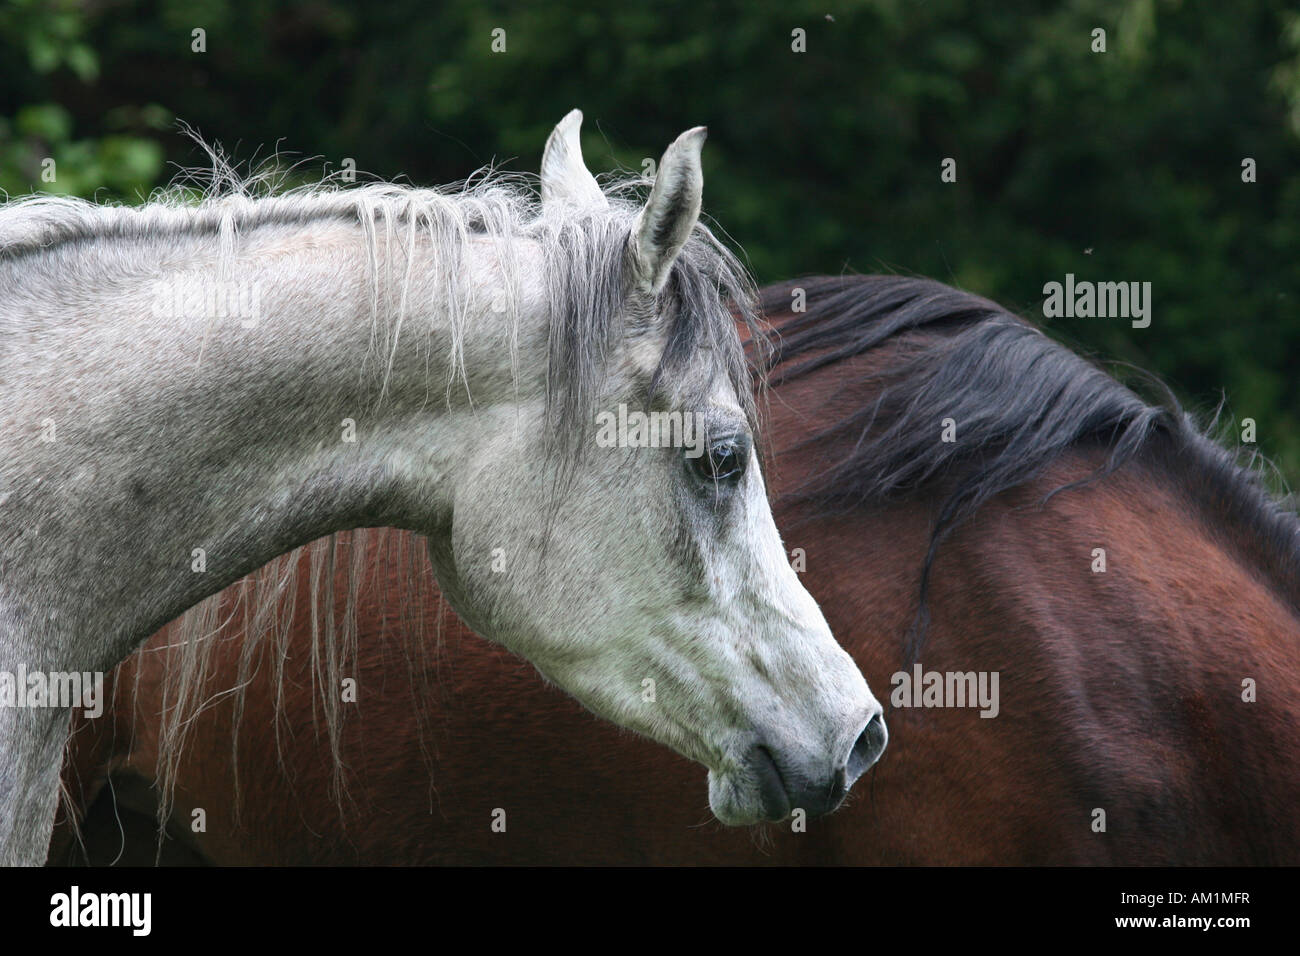 Old horse (Equus ferus caballus) Stock Photo